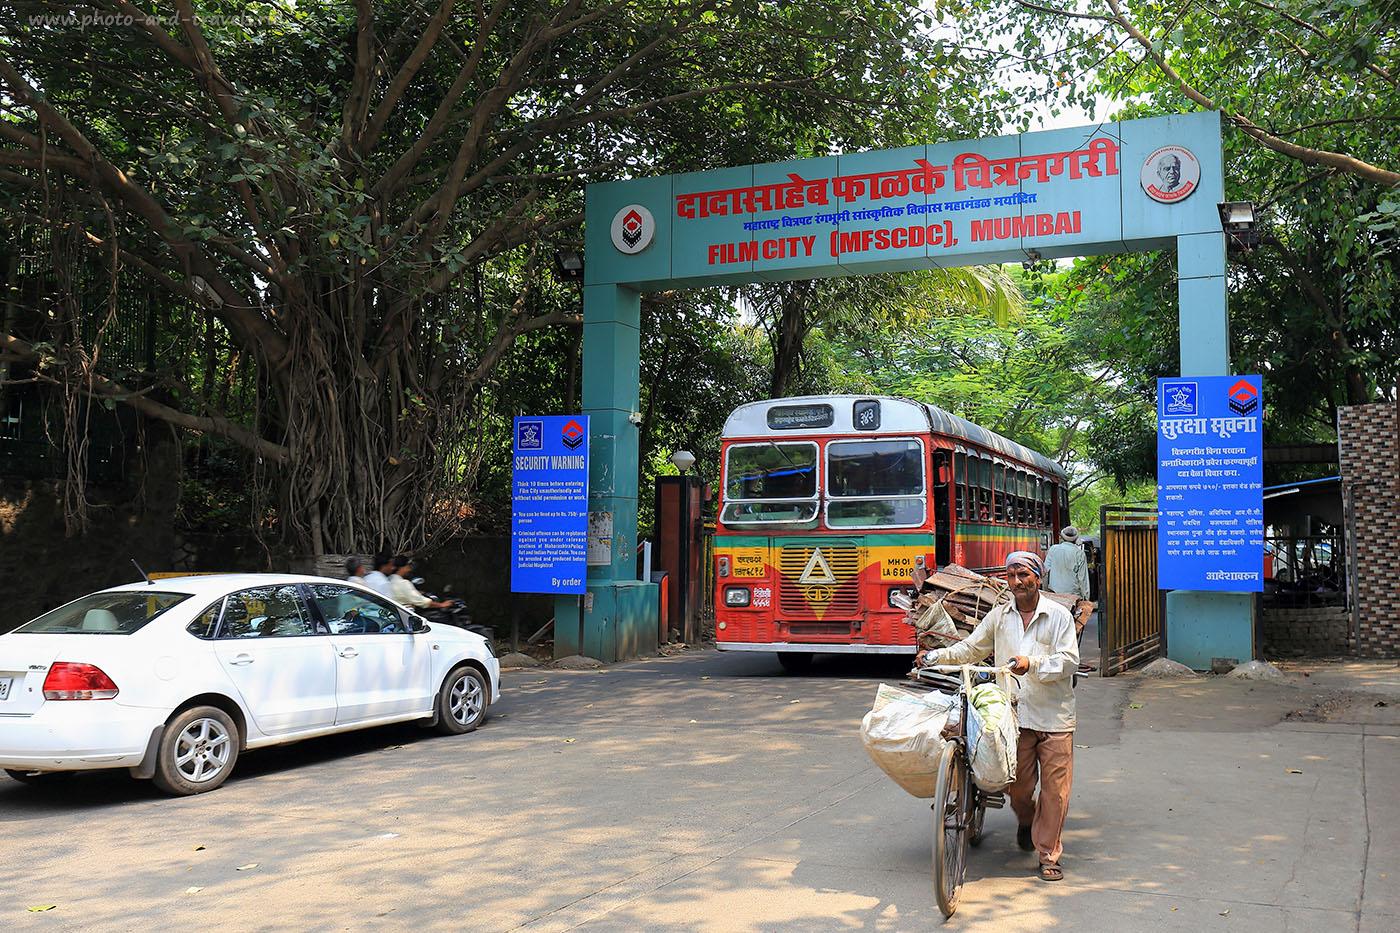 Фото 1. Ворота индийской фабрики грез Болливуд. Отчеты туристов о самостоятельных экскурсиях по Мумбаи во время путешествия по Индии. (Камера Canon EOS 6D, объектив Canon EF 24-70mm f/4L IS USM, настройки при съемке: выдержка 1/60, экспокоррекция 0eV, диафрагма f7.1, 26 mm, ISO 100)